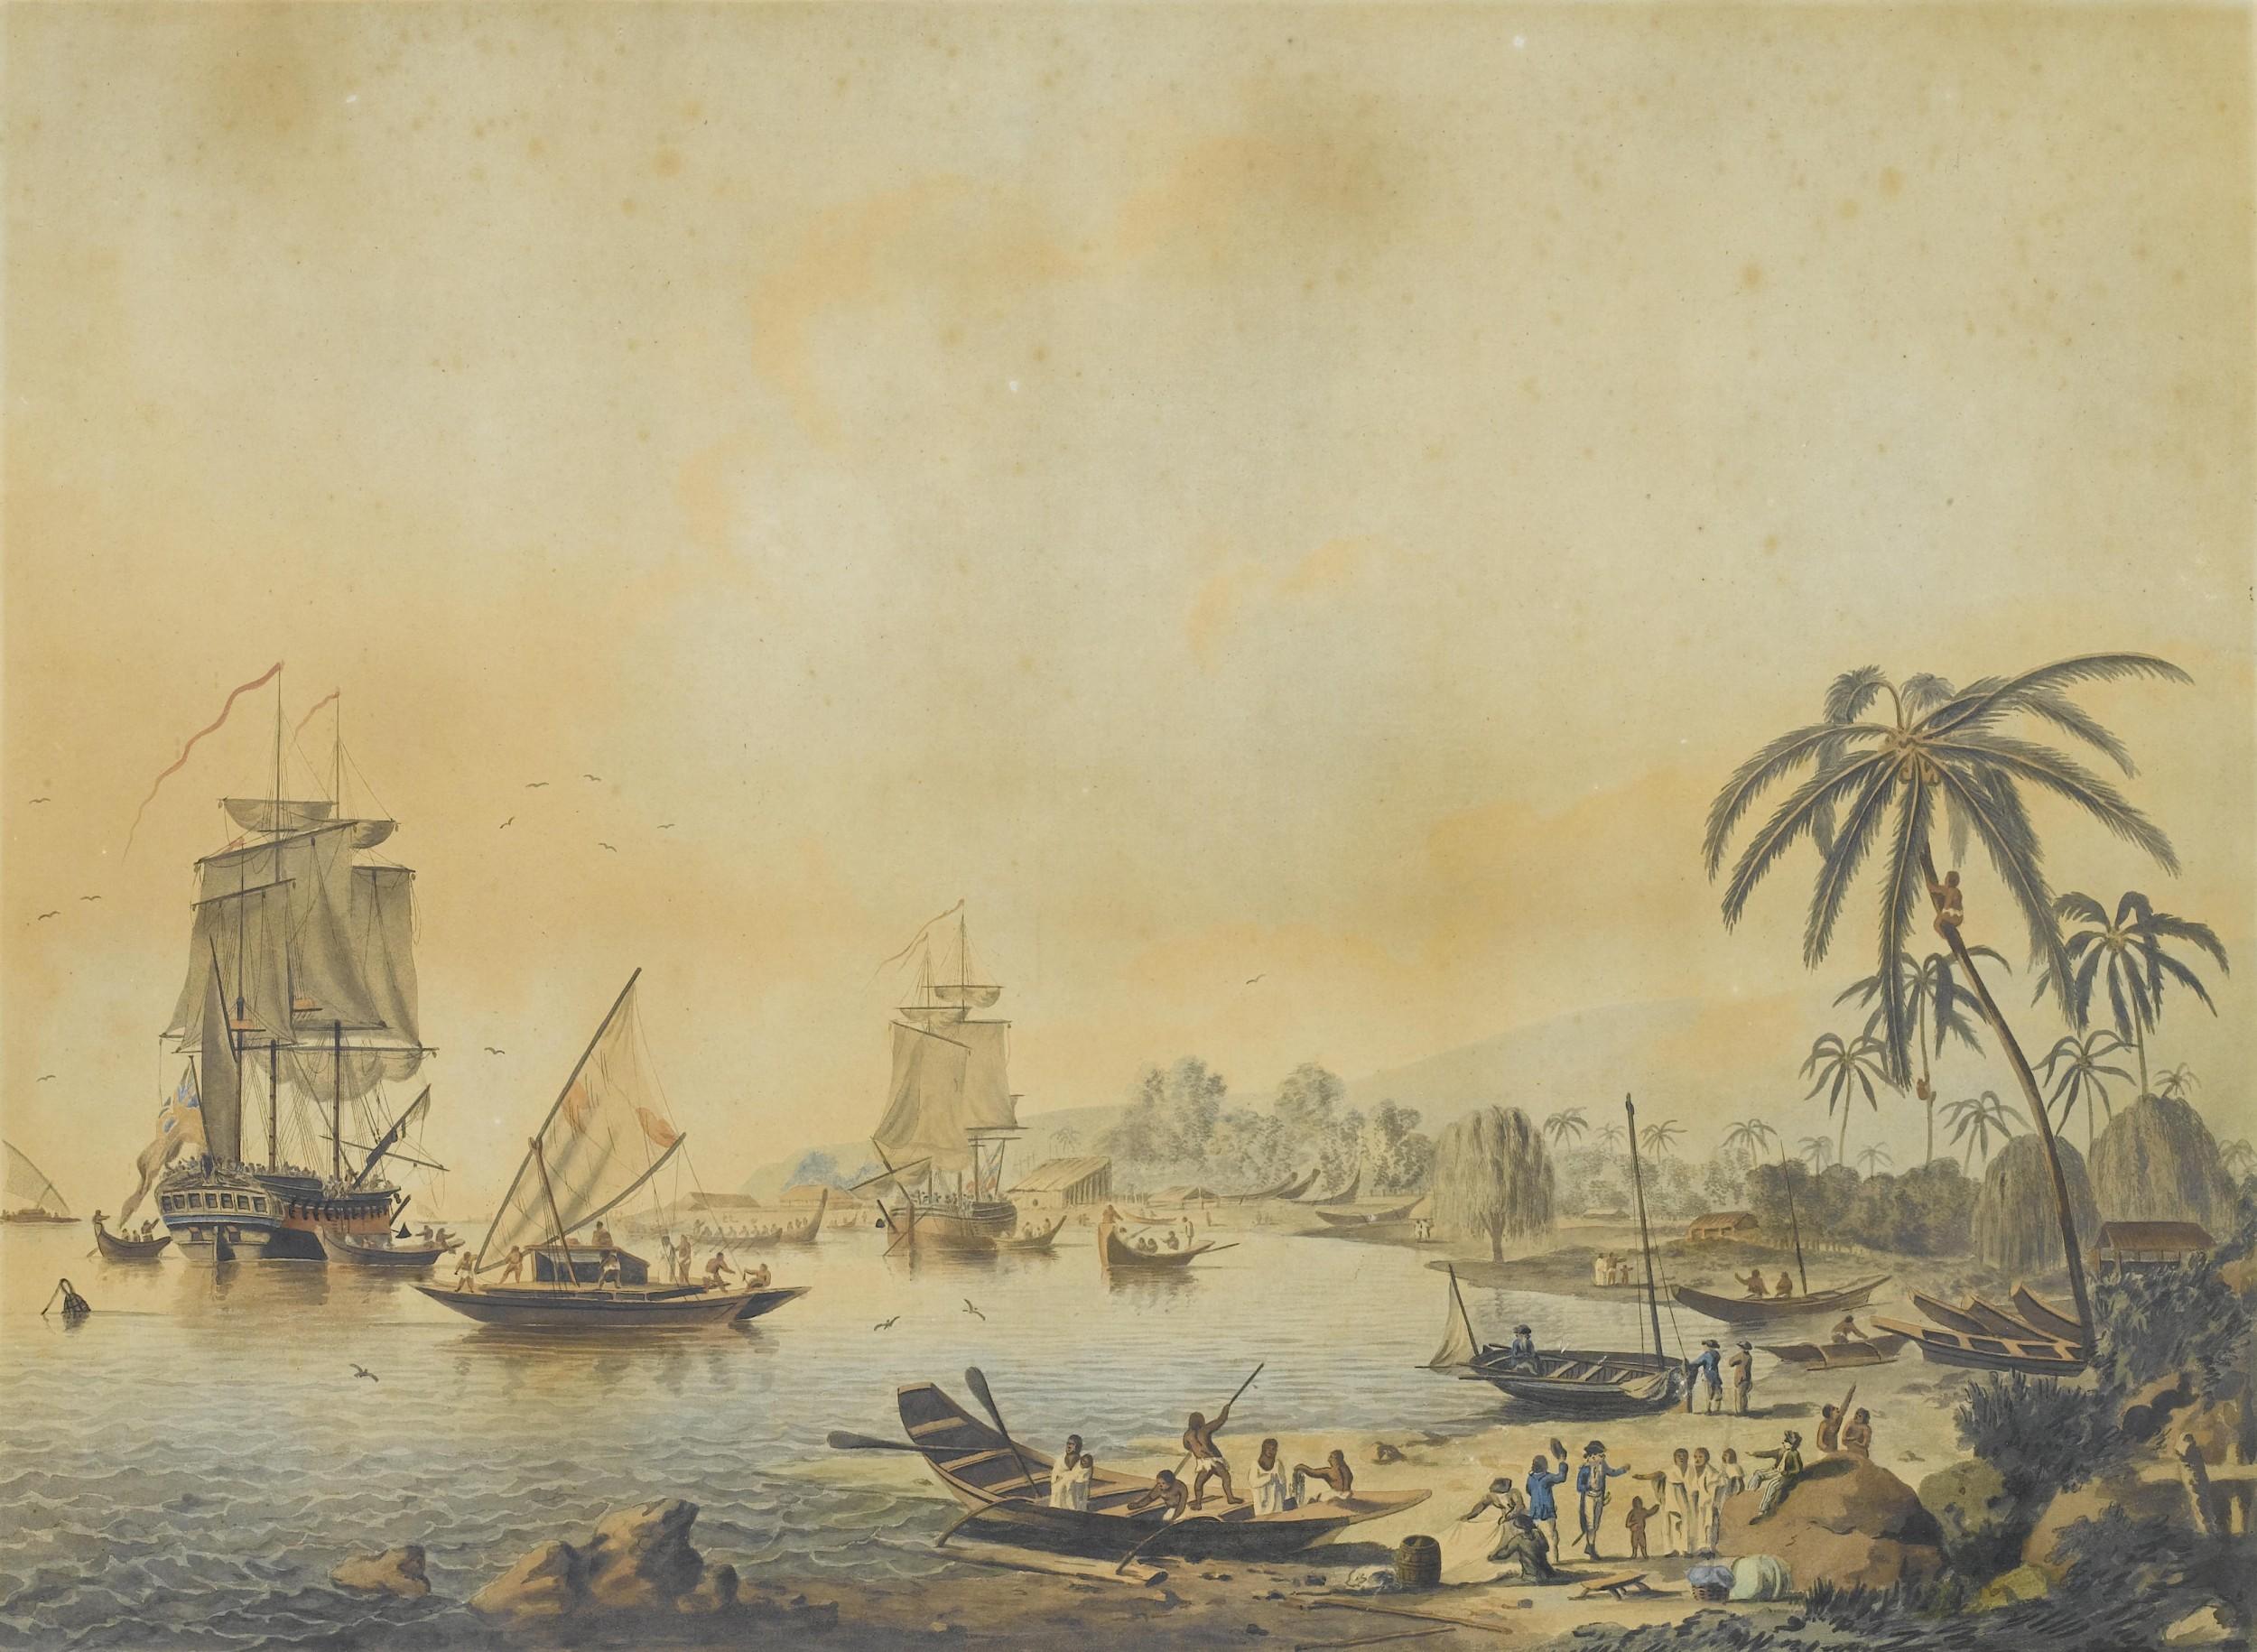 John_Cleveley_the_Younger,_Views_of_the_South_Seas_ Блай, Уильям. Форстер, Георг. Джеймс Кук, Таити  Полинезия